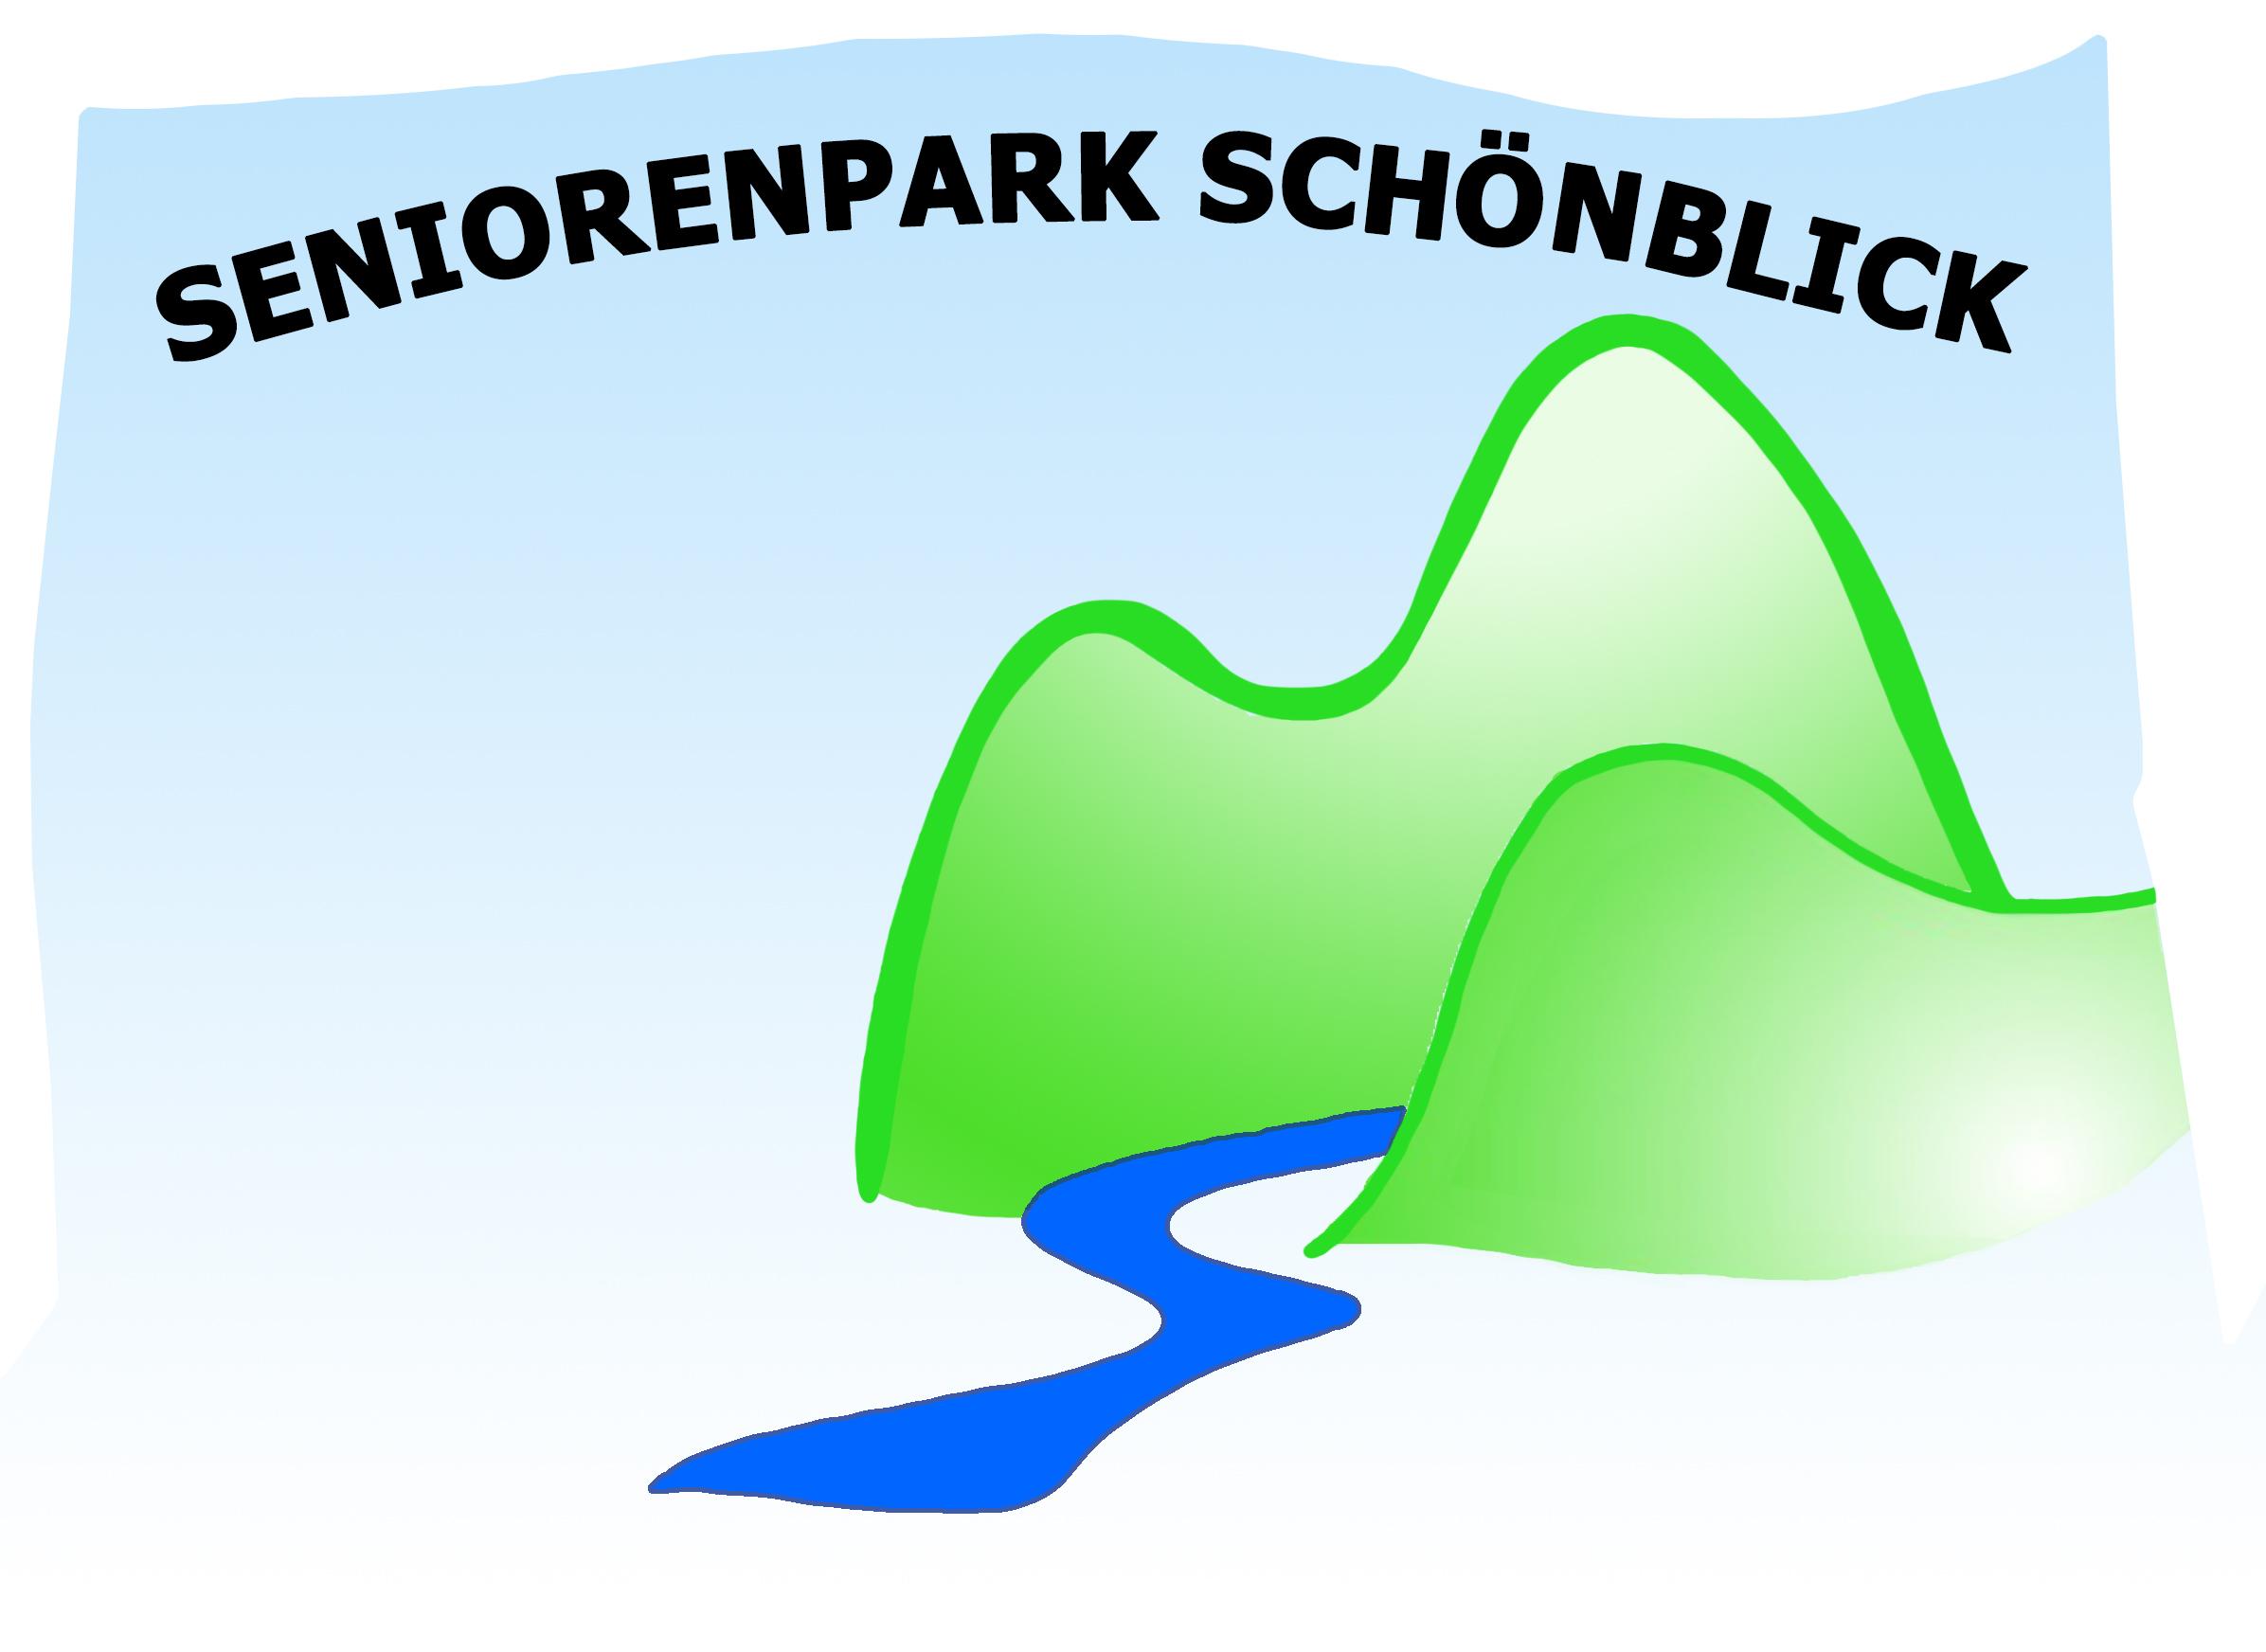 Seniorenpark Schönblick